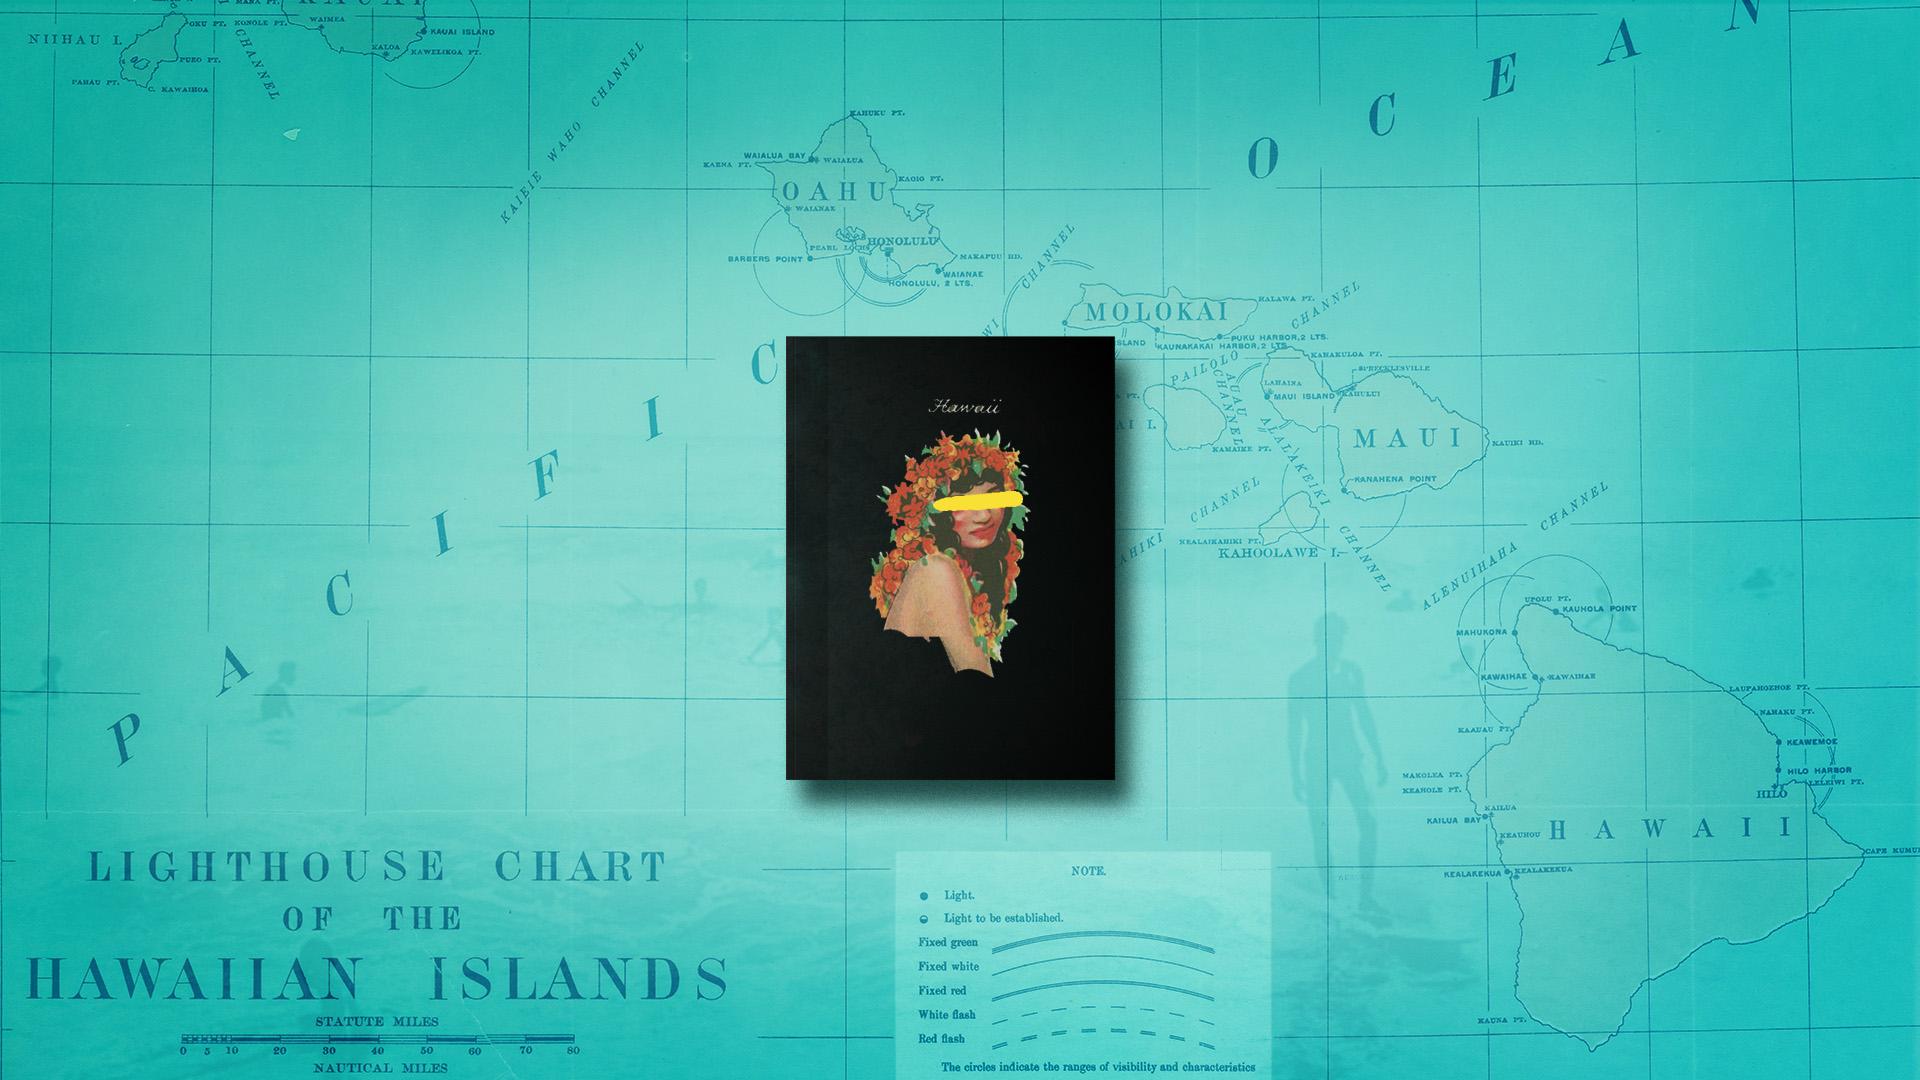 HAWAII EN TETE 5.jpg